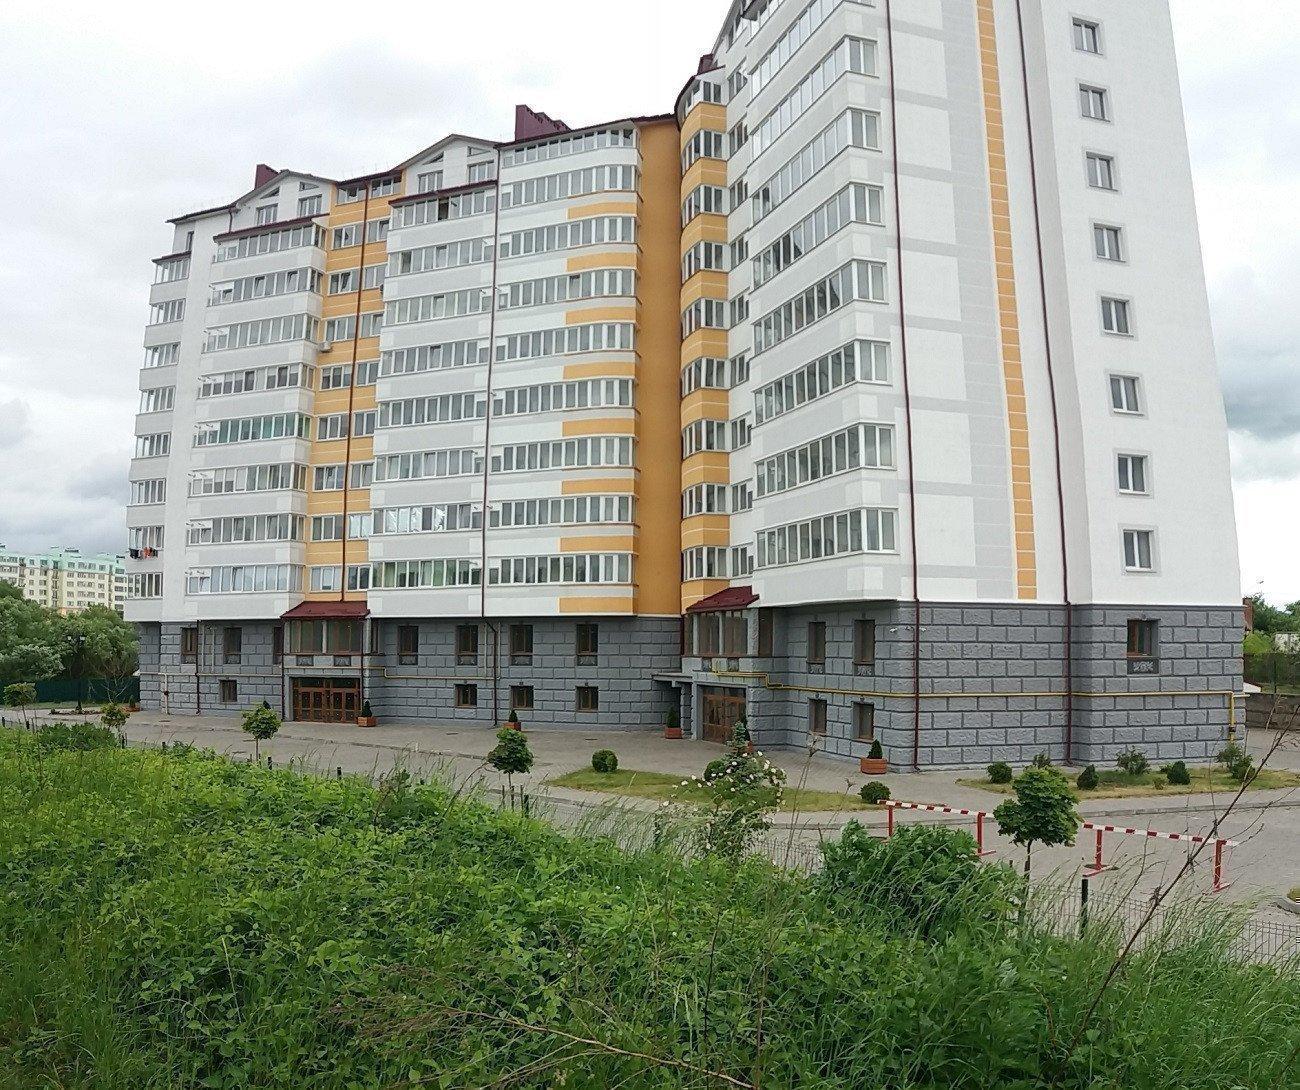 Фото: Продам квартиру в городе Ивано-Франковск. Объявление № 6012